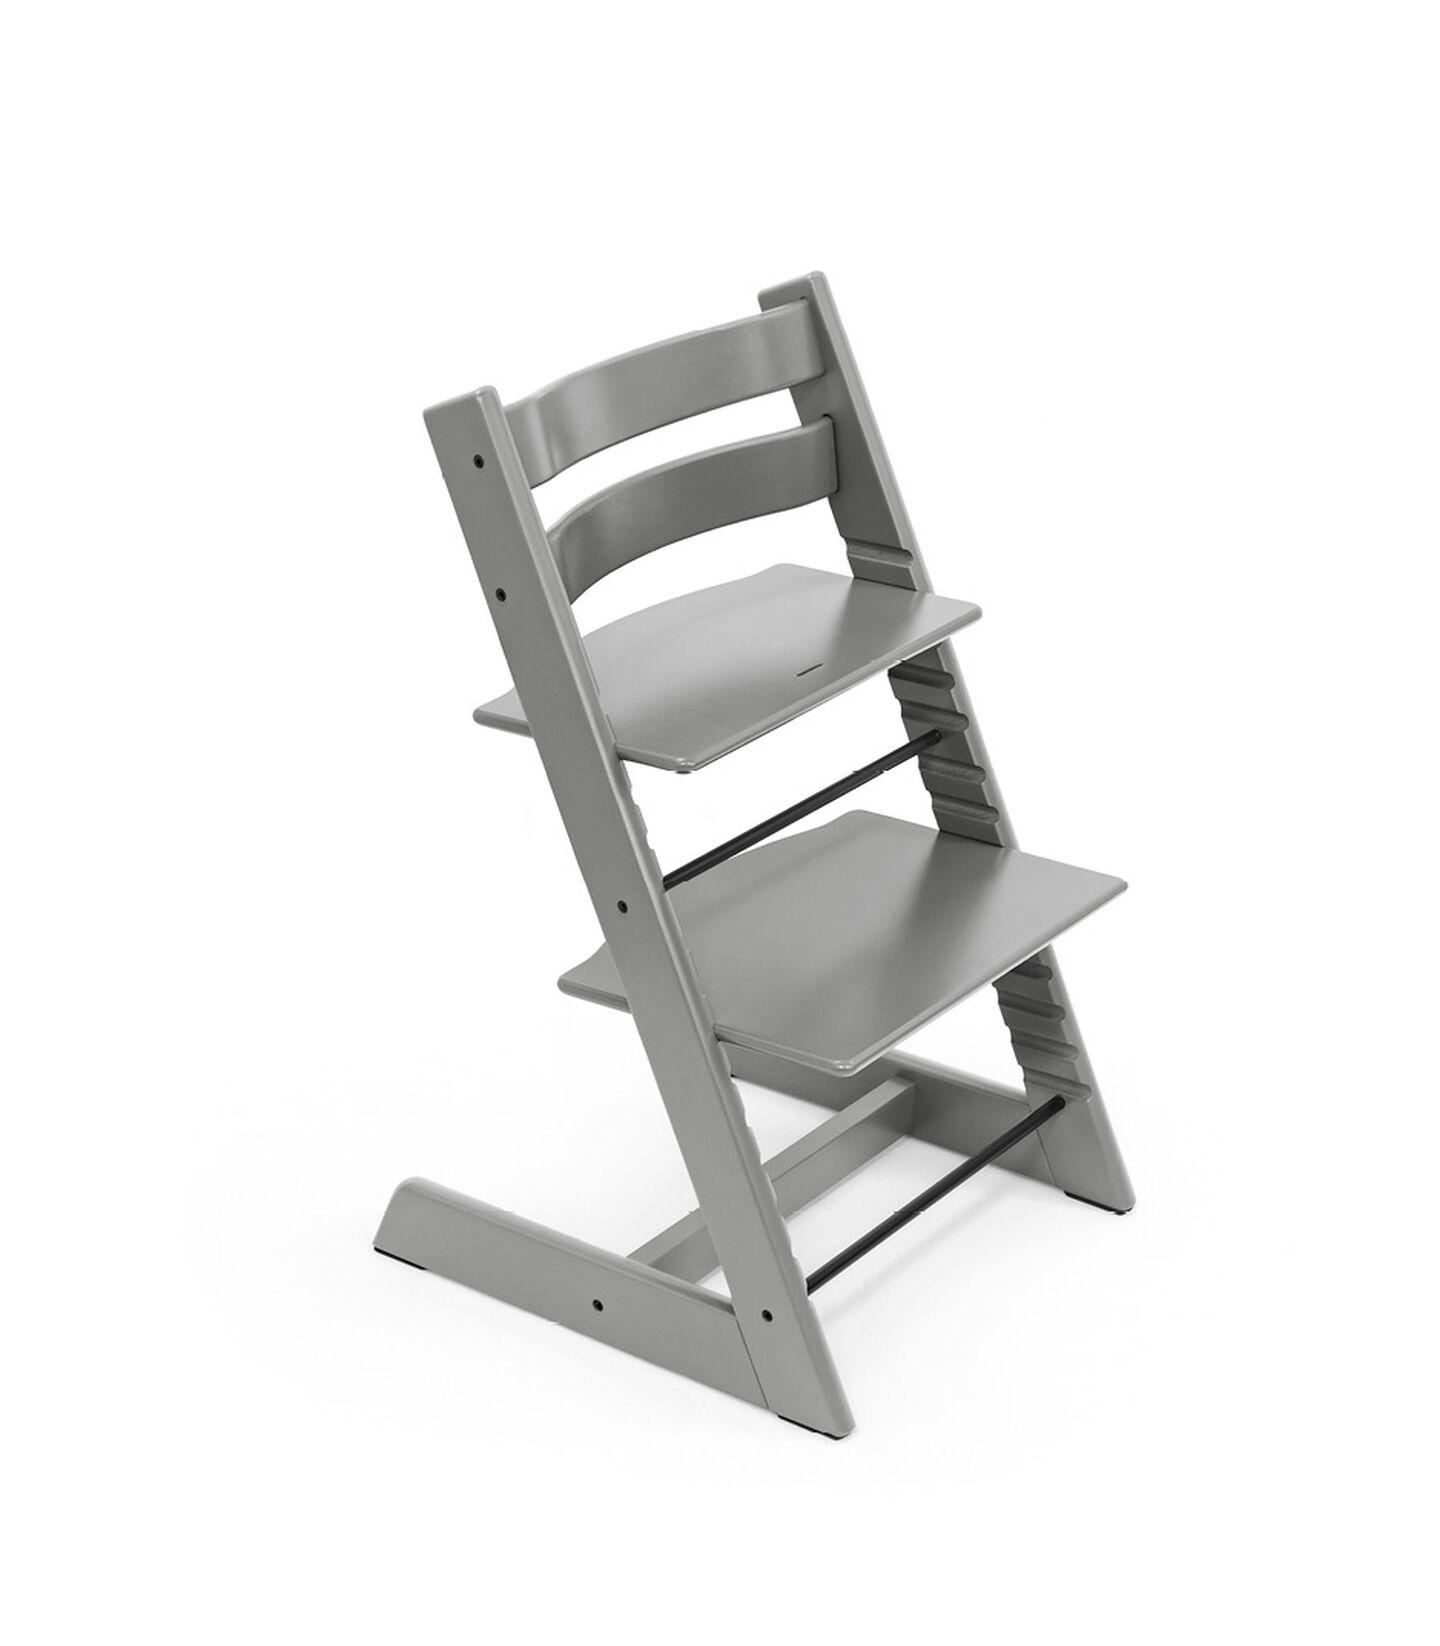 Krzesło Tripp Trapp® Storm Grey, Storm Grey, mainview view 2